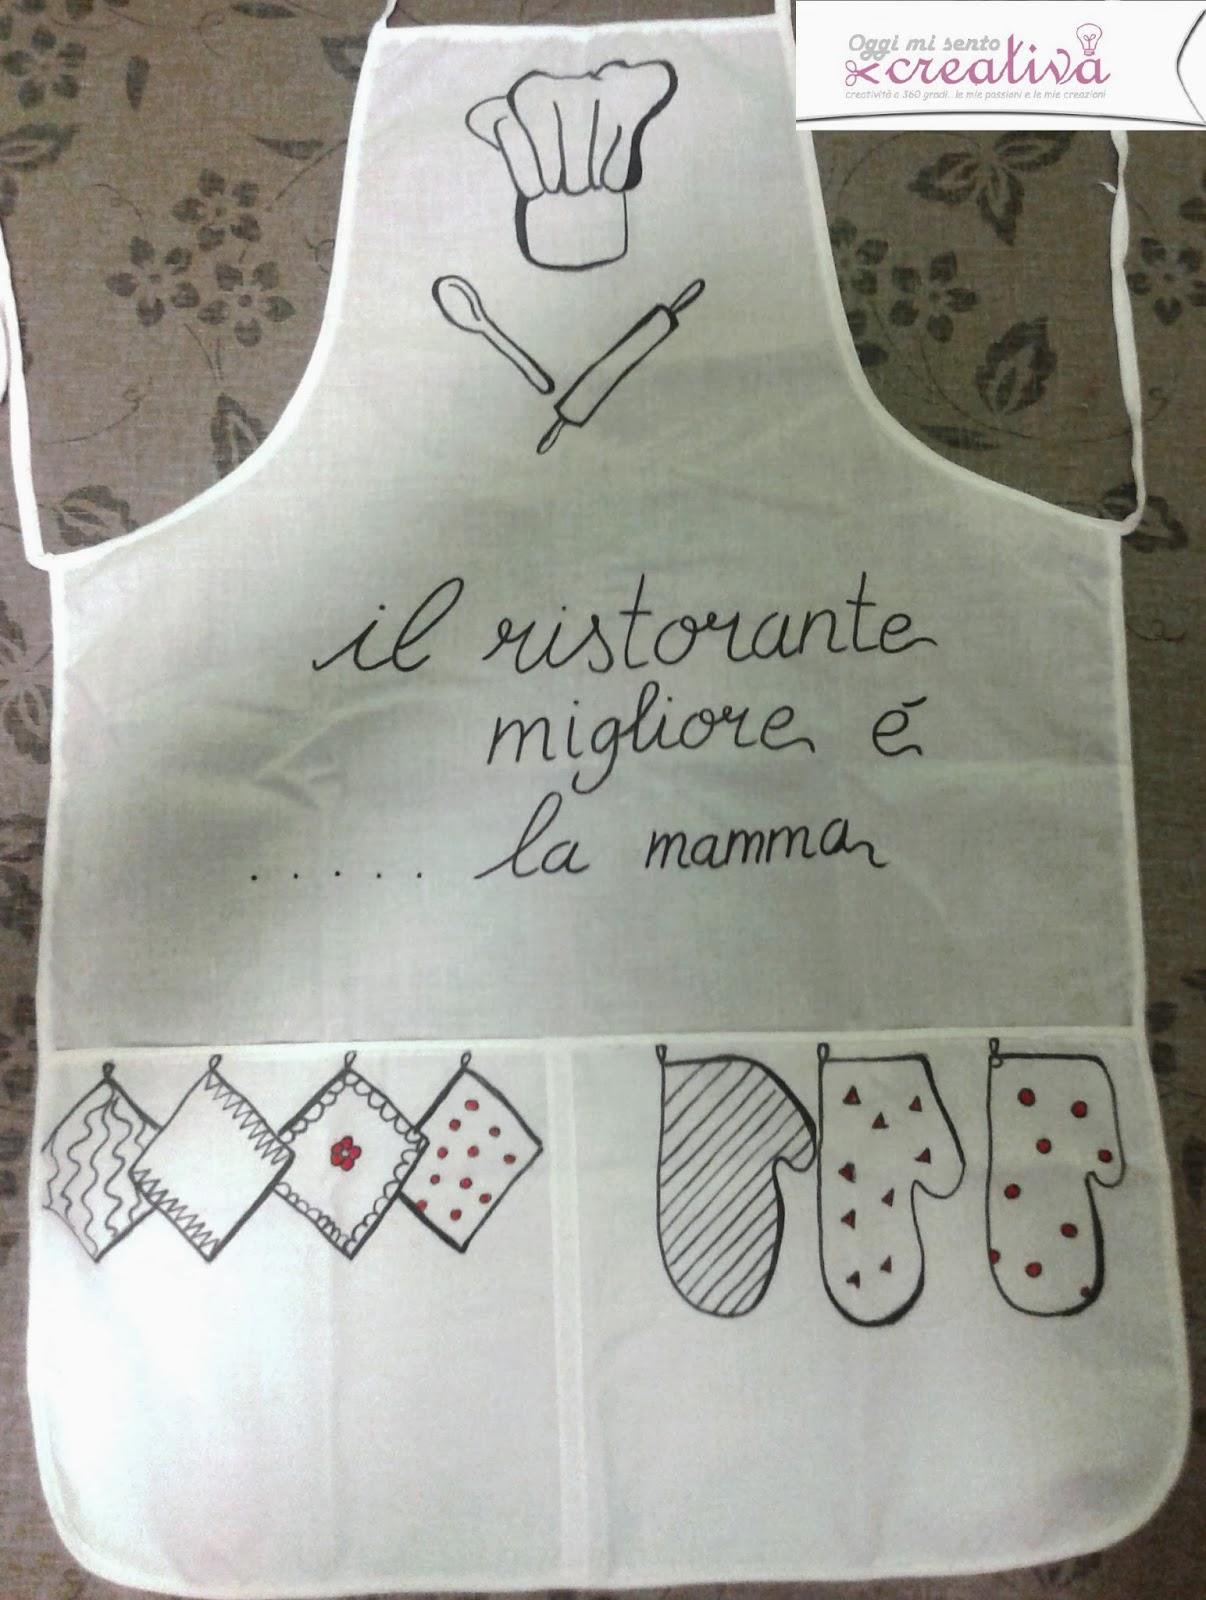 Oggi mi sento creativa grembiuli dipinti idea regalo fai da te - Grembiuli da cucina fai da te ...